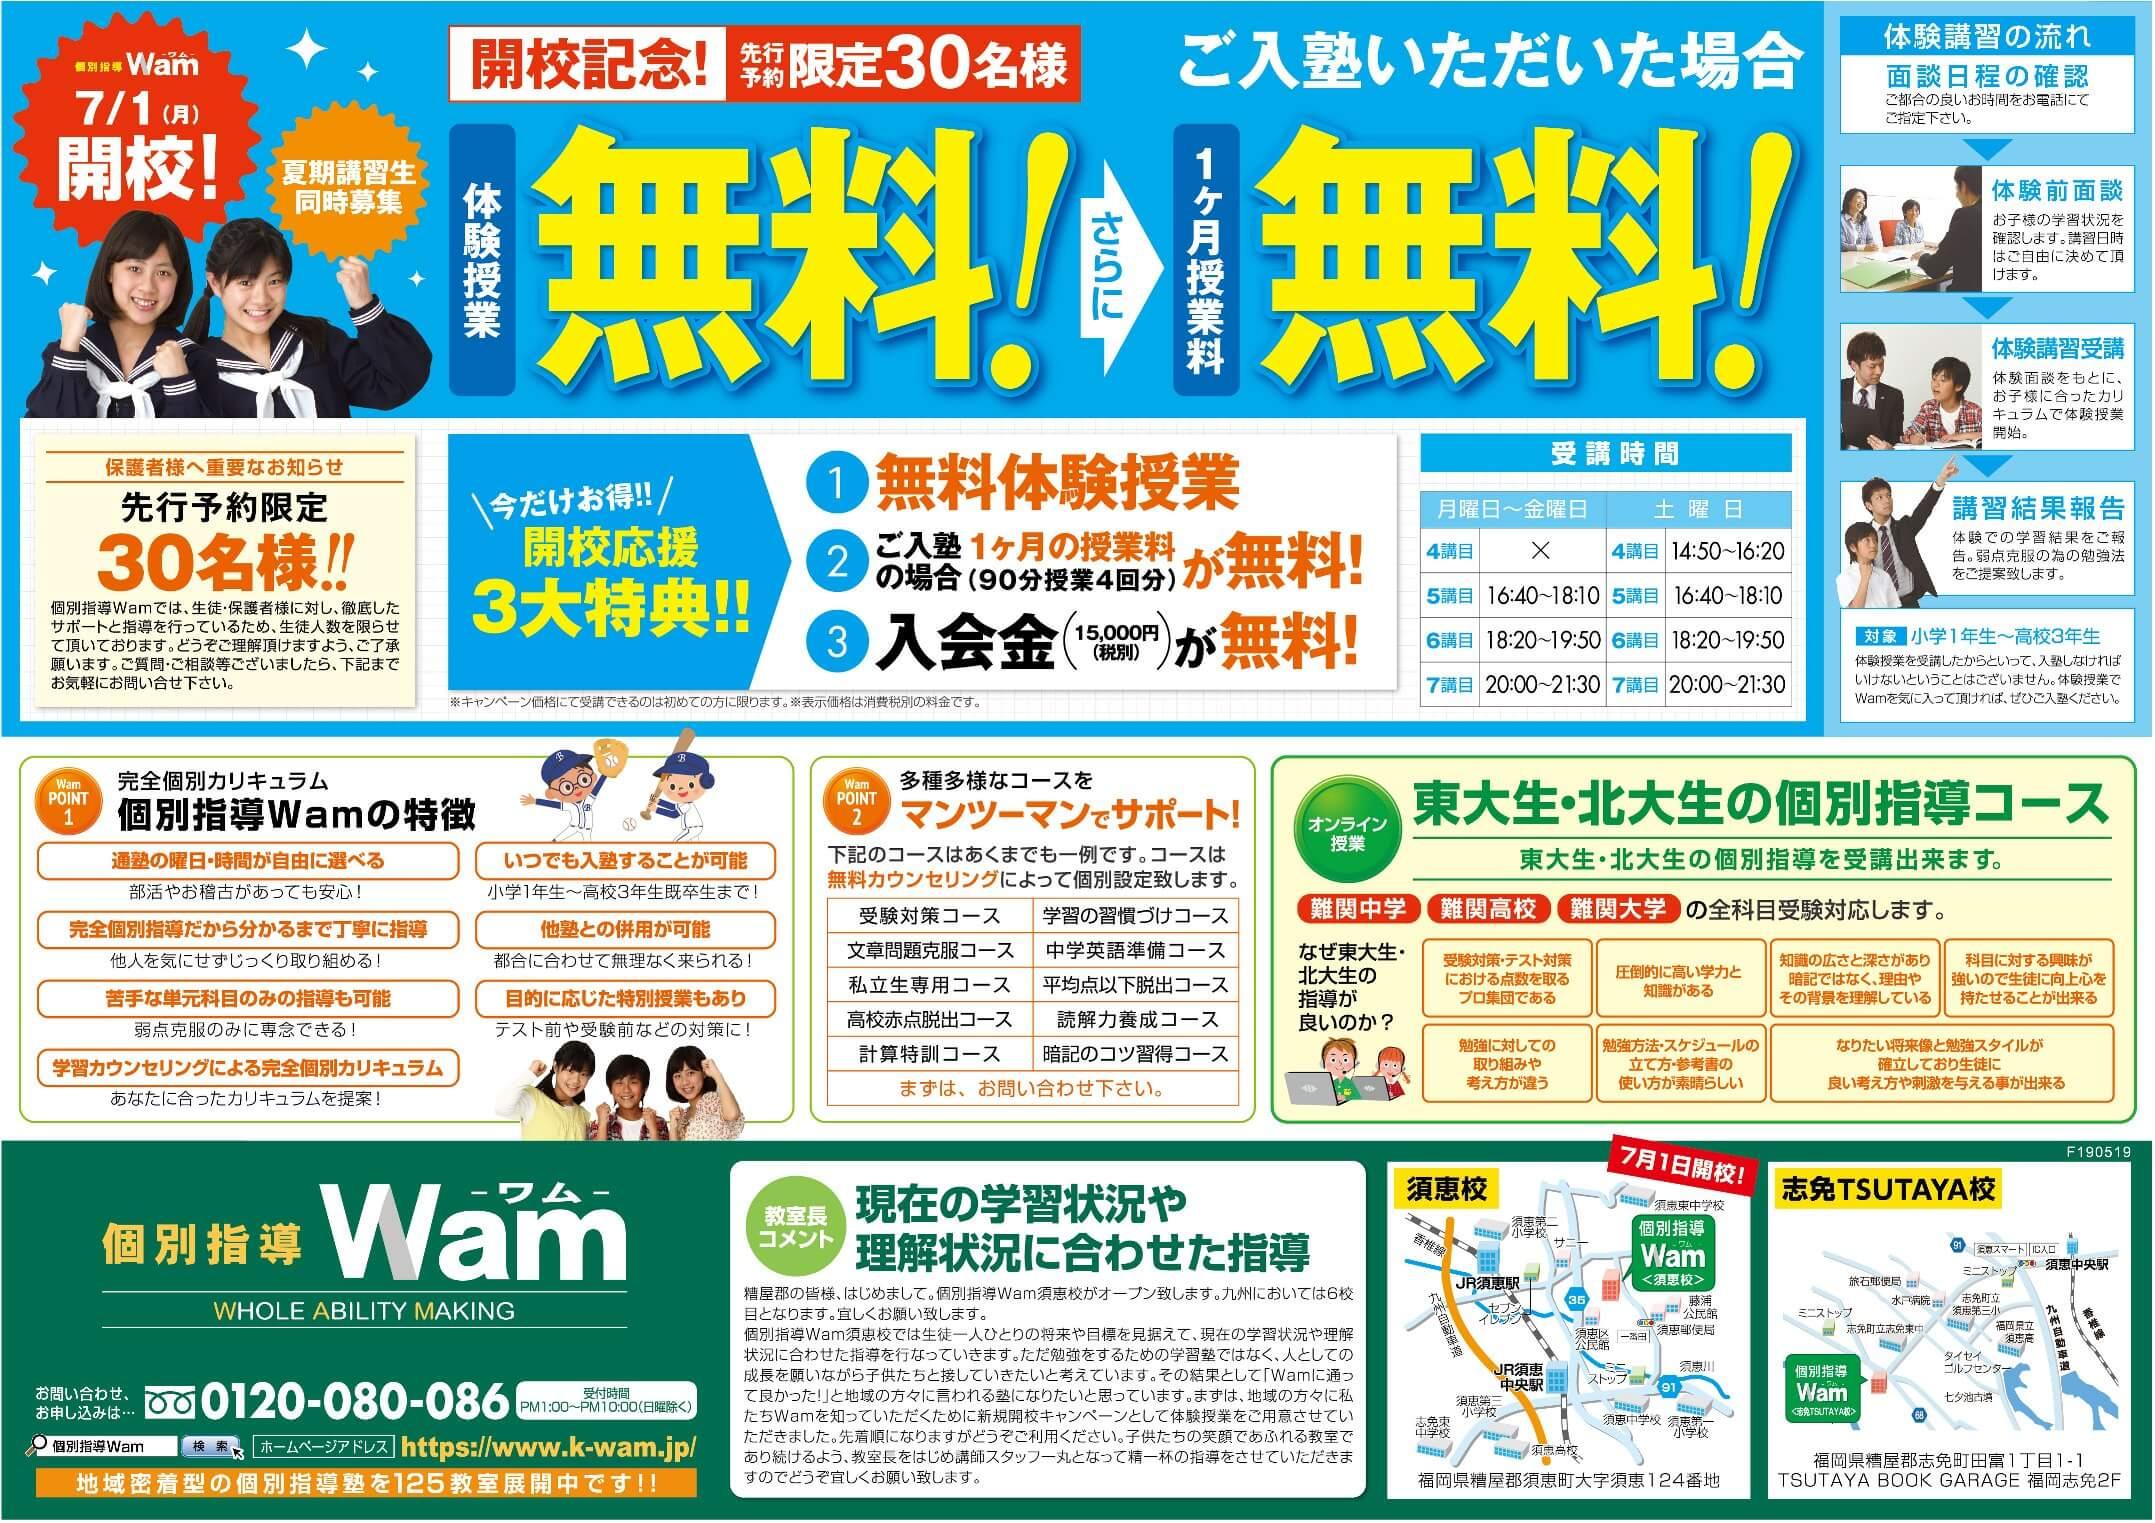 須恵校 2019年7月1日(月) オープン・ウラ面